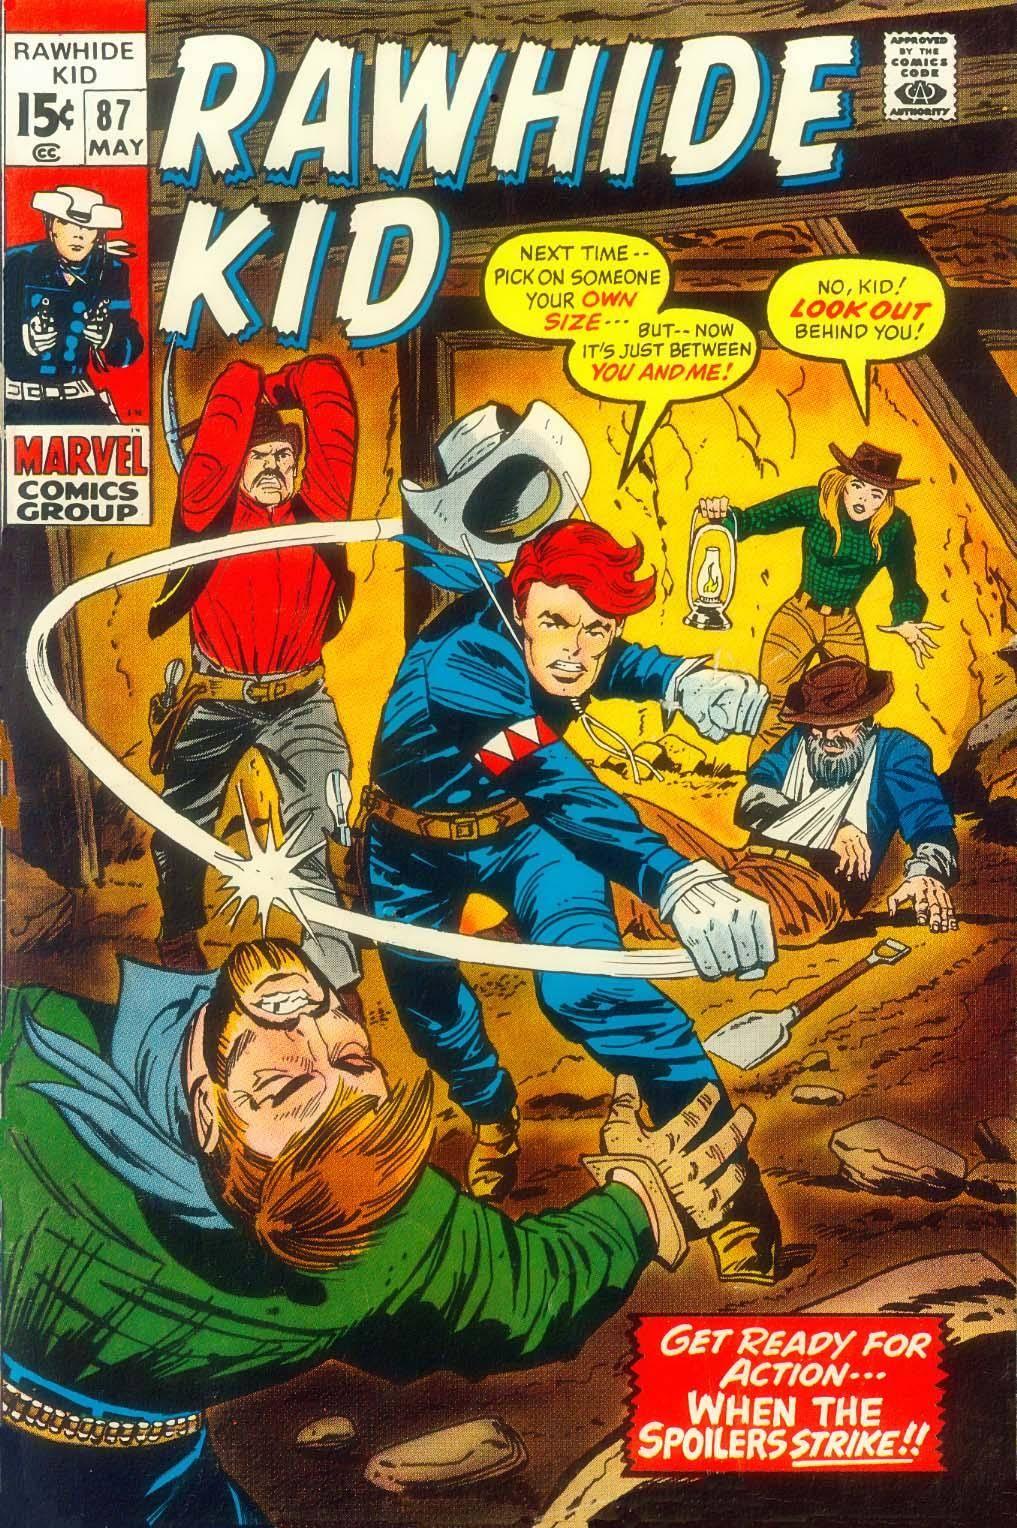 Rawhide Kid v1 087 1971